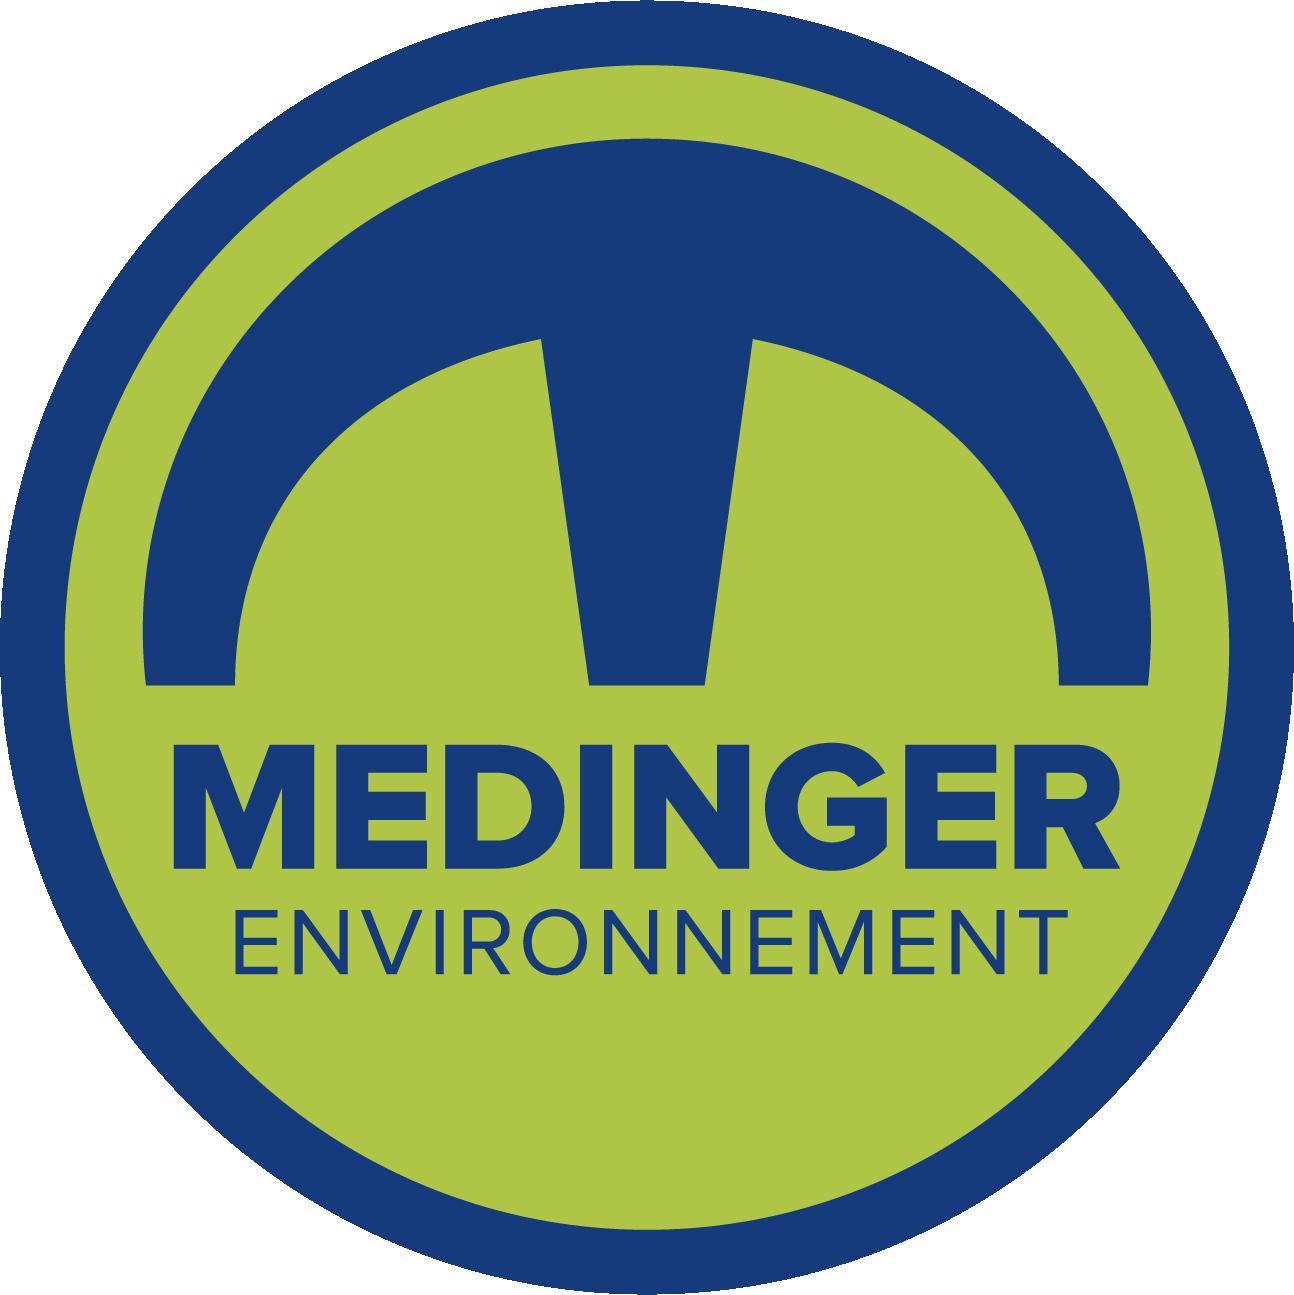 Logo medinger environnement - mymat